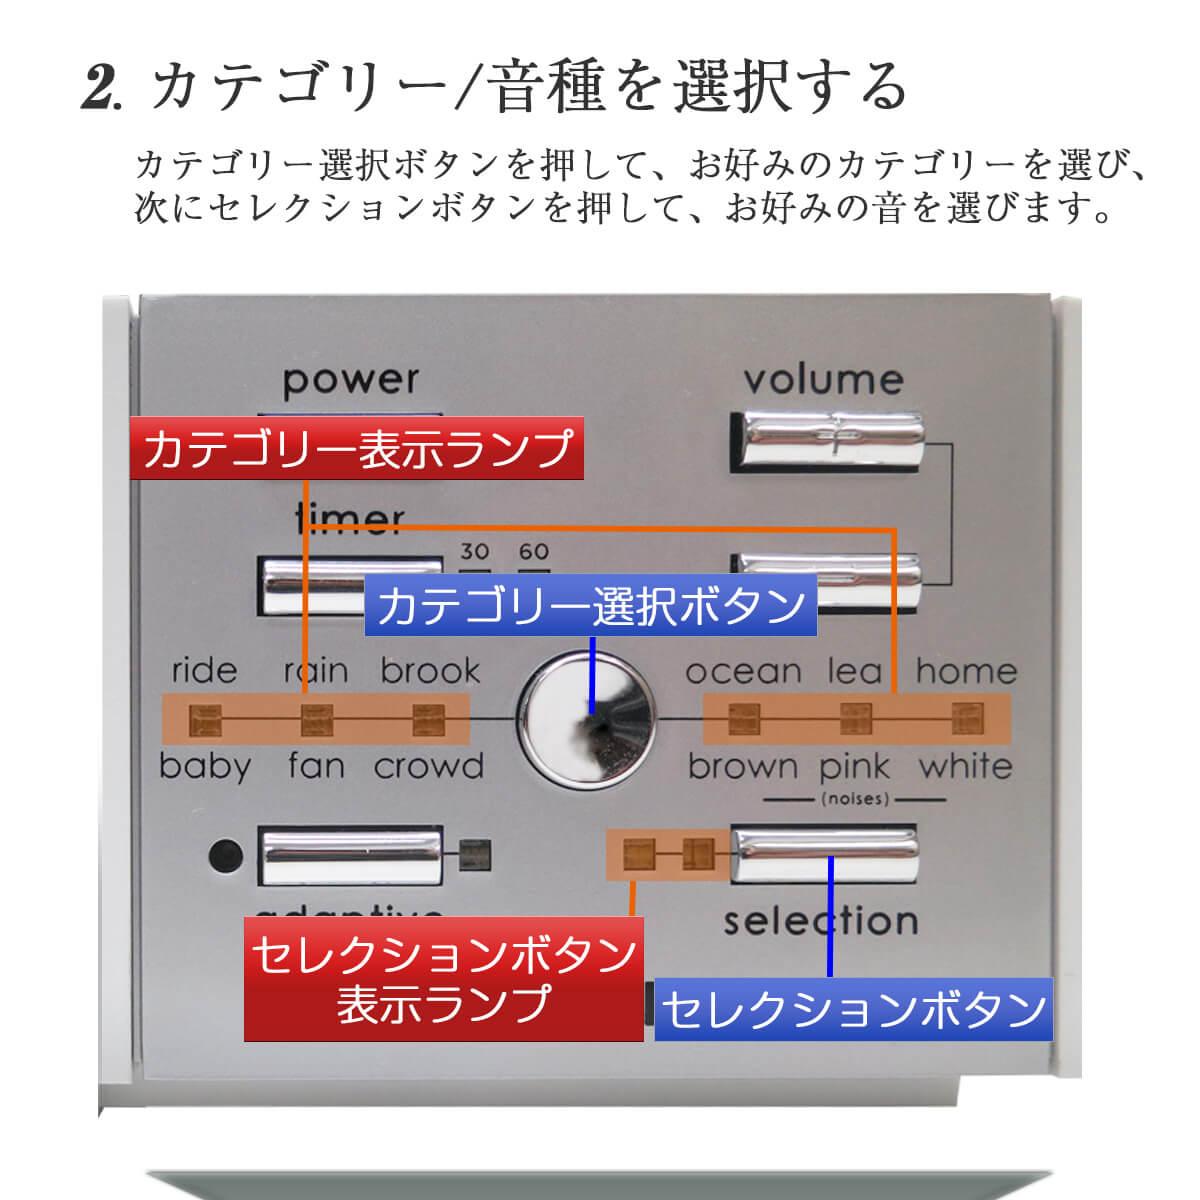 【再生品 新品ではありません】 ホワイトノイズ テレワーク 生活音 騒音 排除 不眠 スリープオーディオ ドーミン サウンドマシン 快眠 スリープテック おうち時間 在宅勤務 1人暮らし 必要なもの